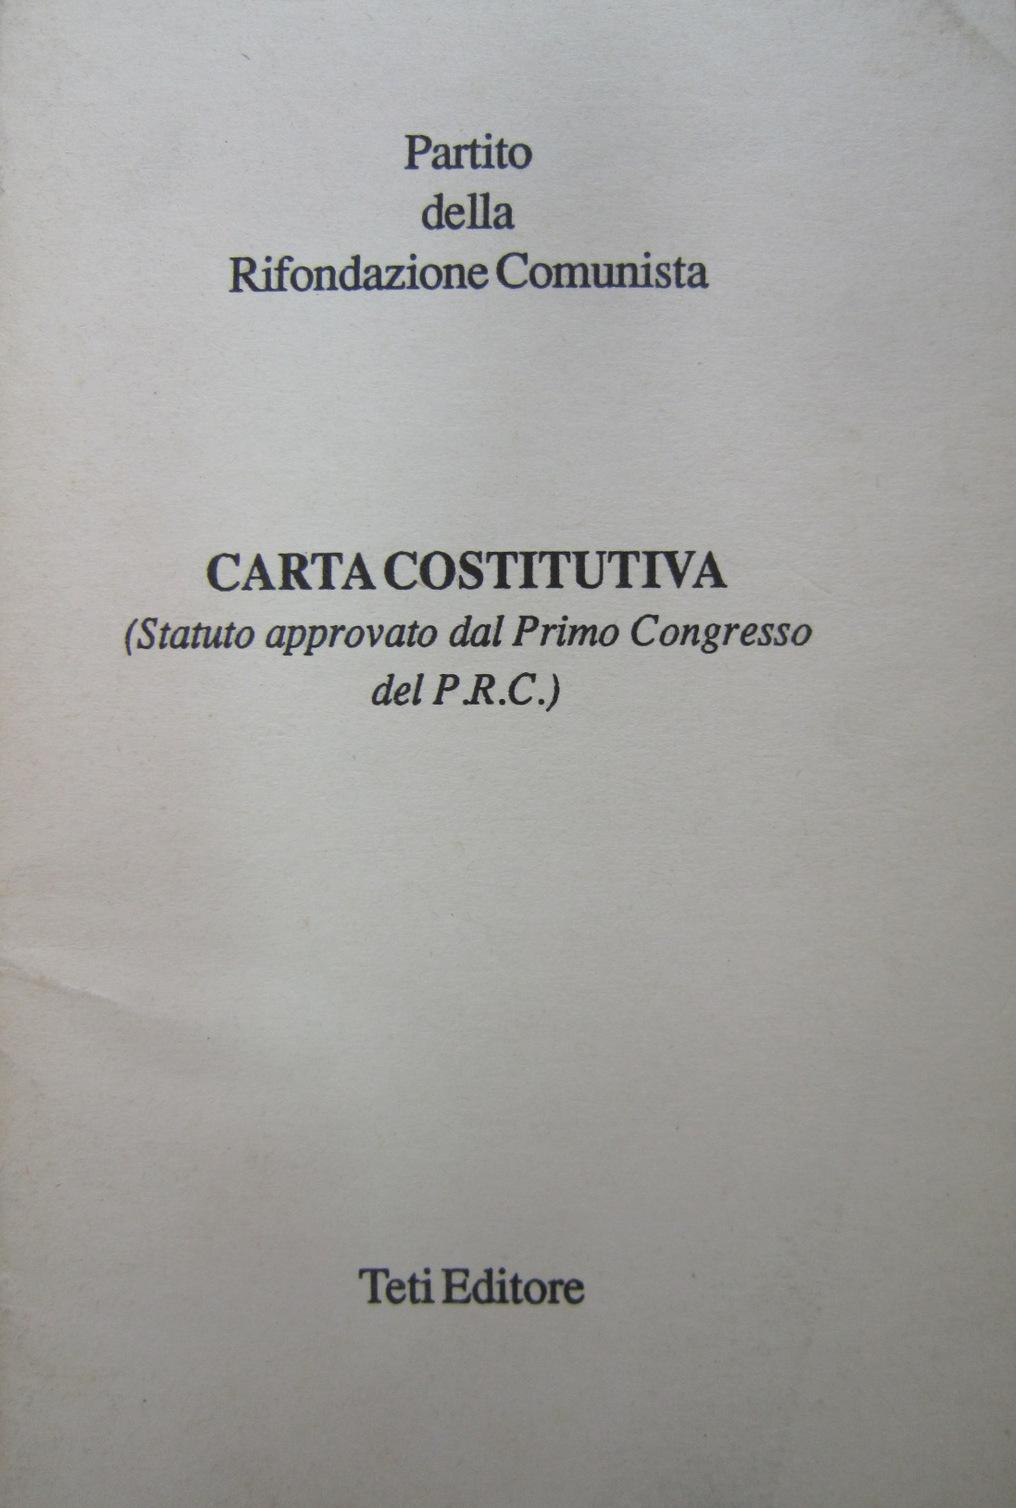 Partito della Rifondazione Comunista - Carta costitutiva